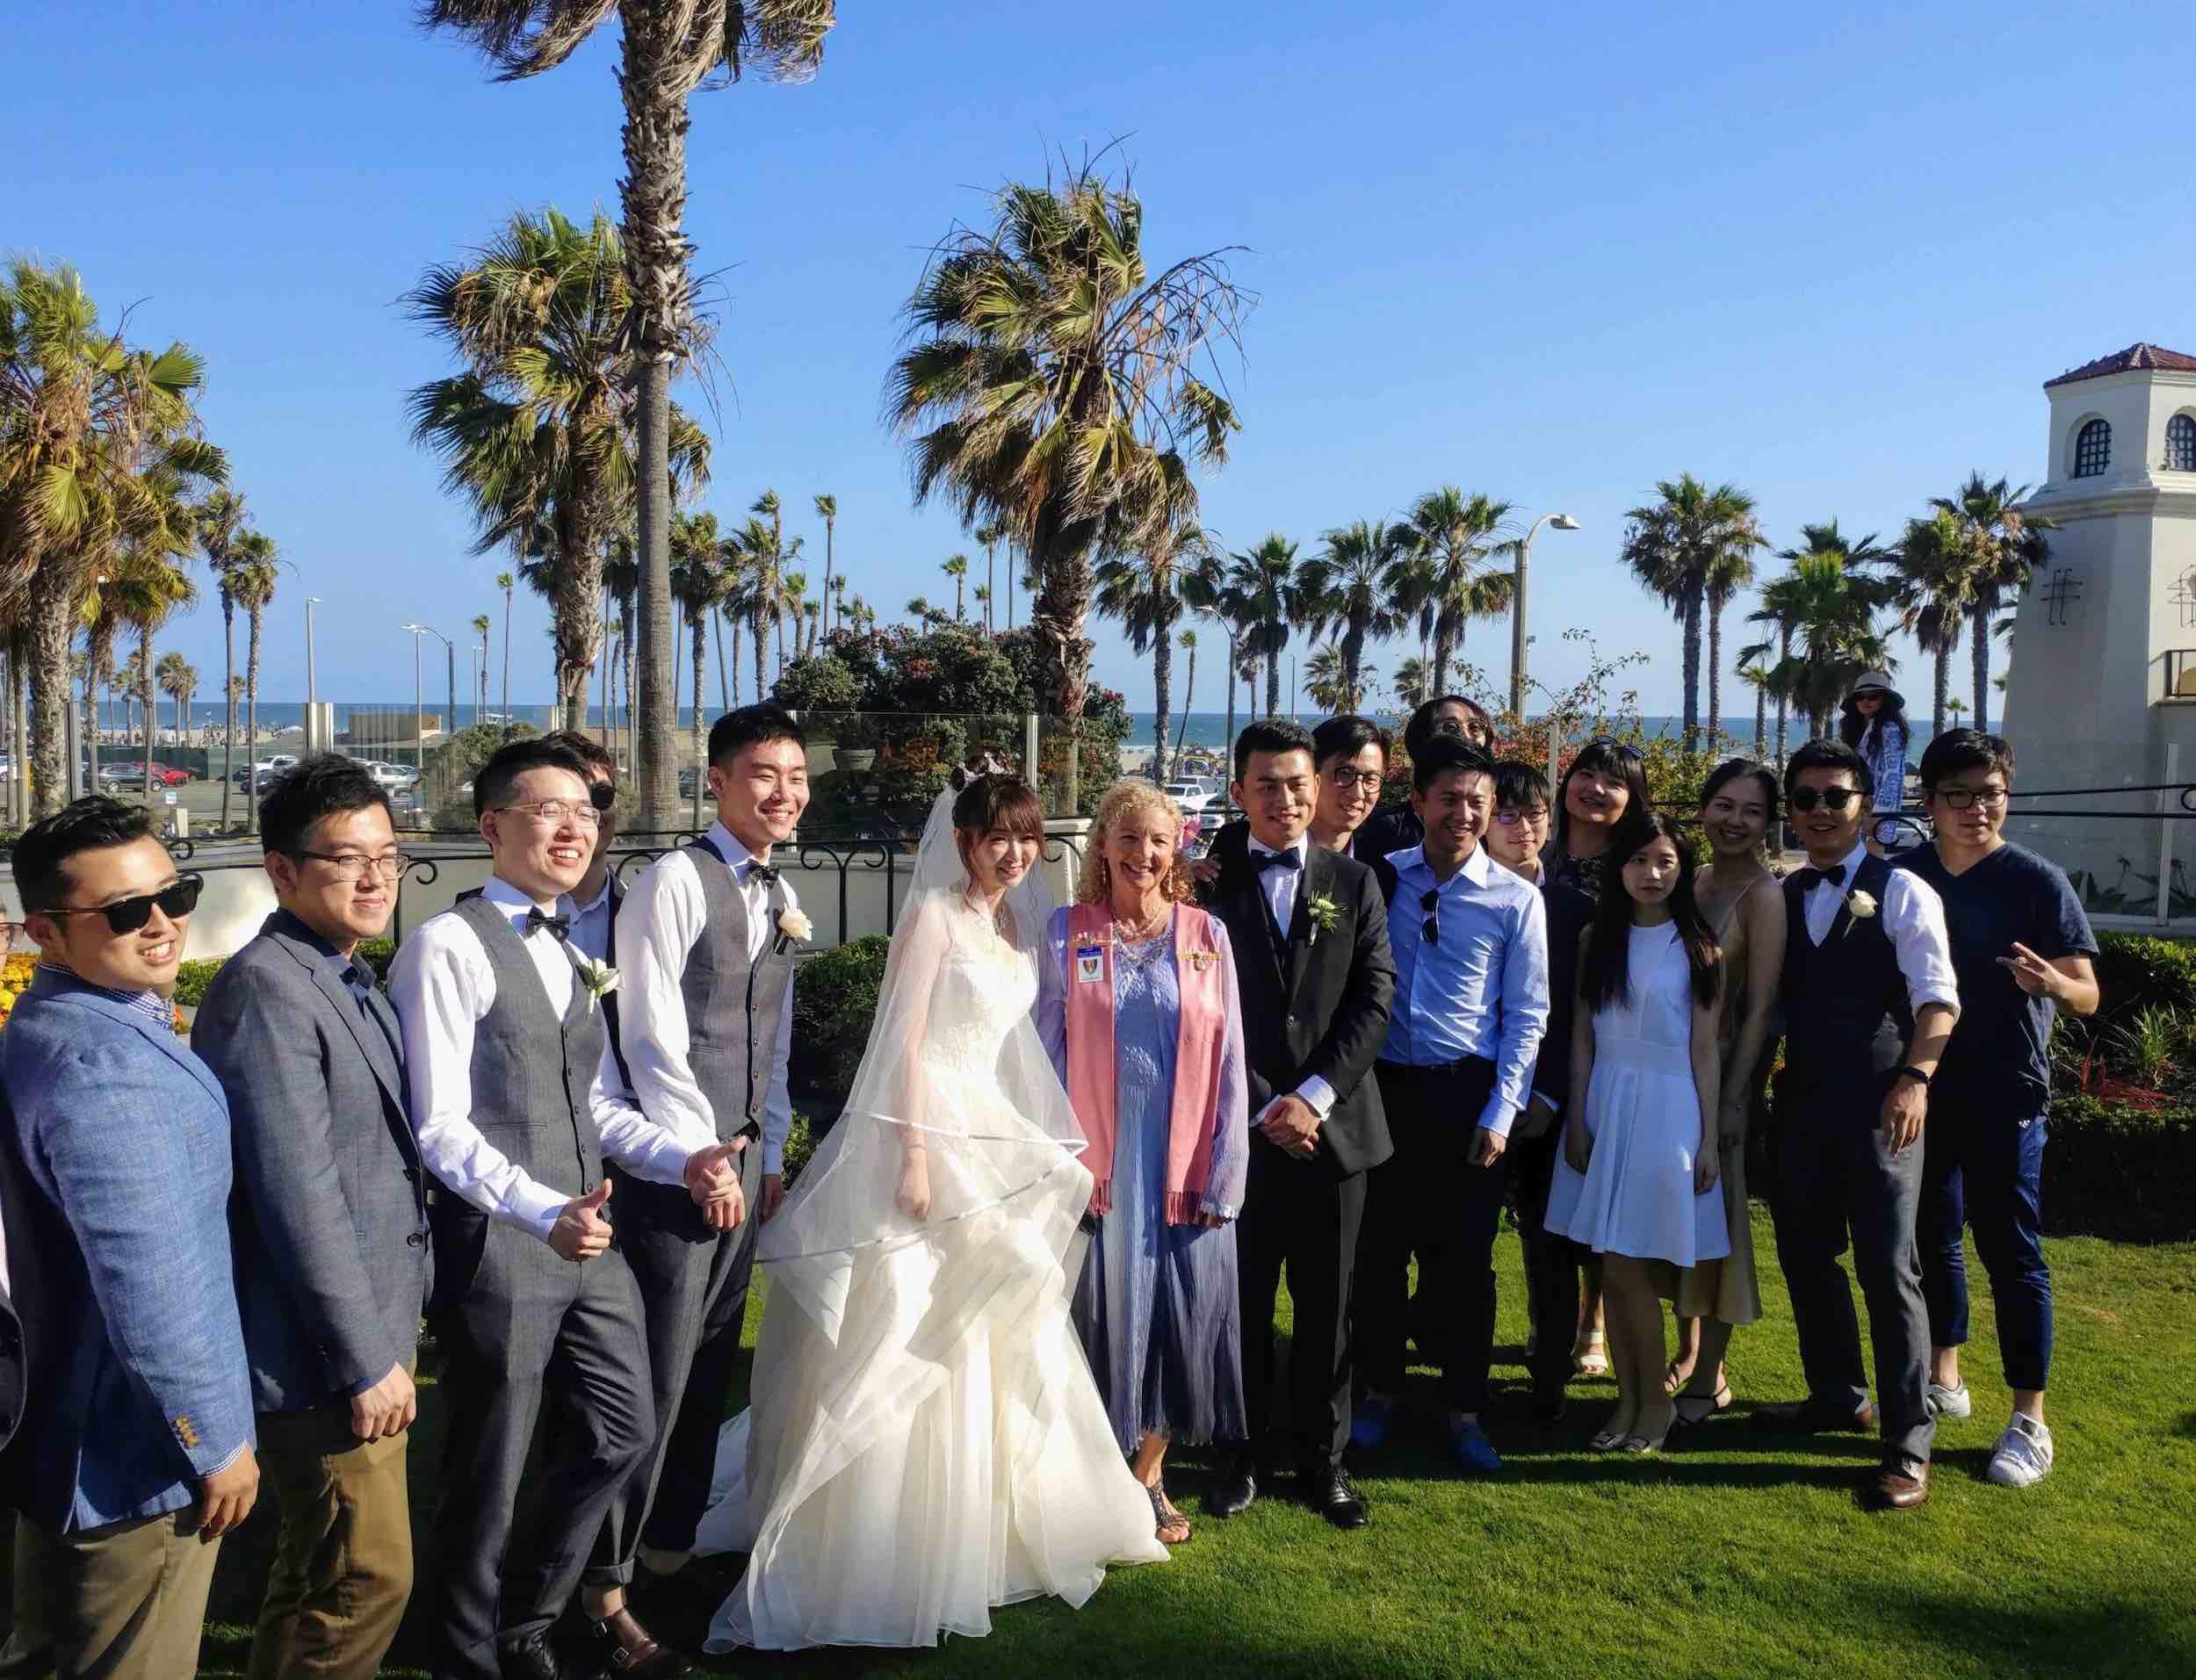 Hyatt HB wedding group